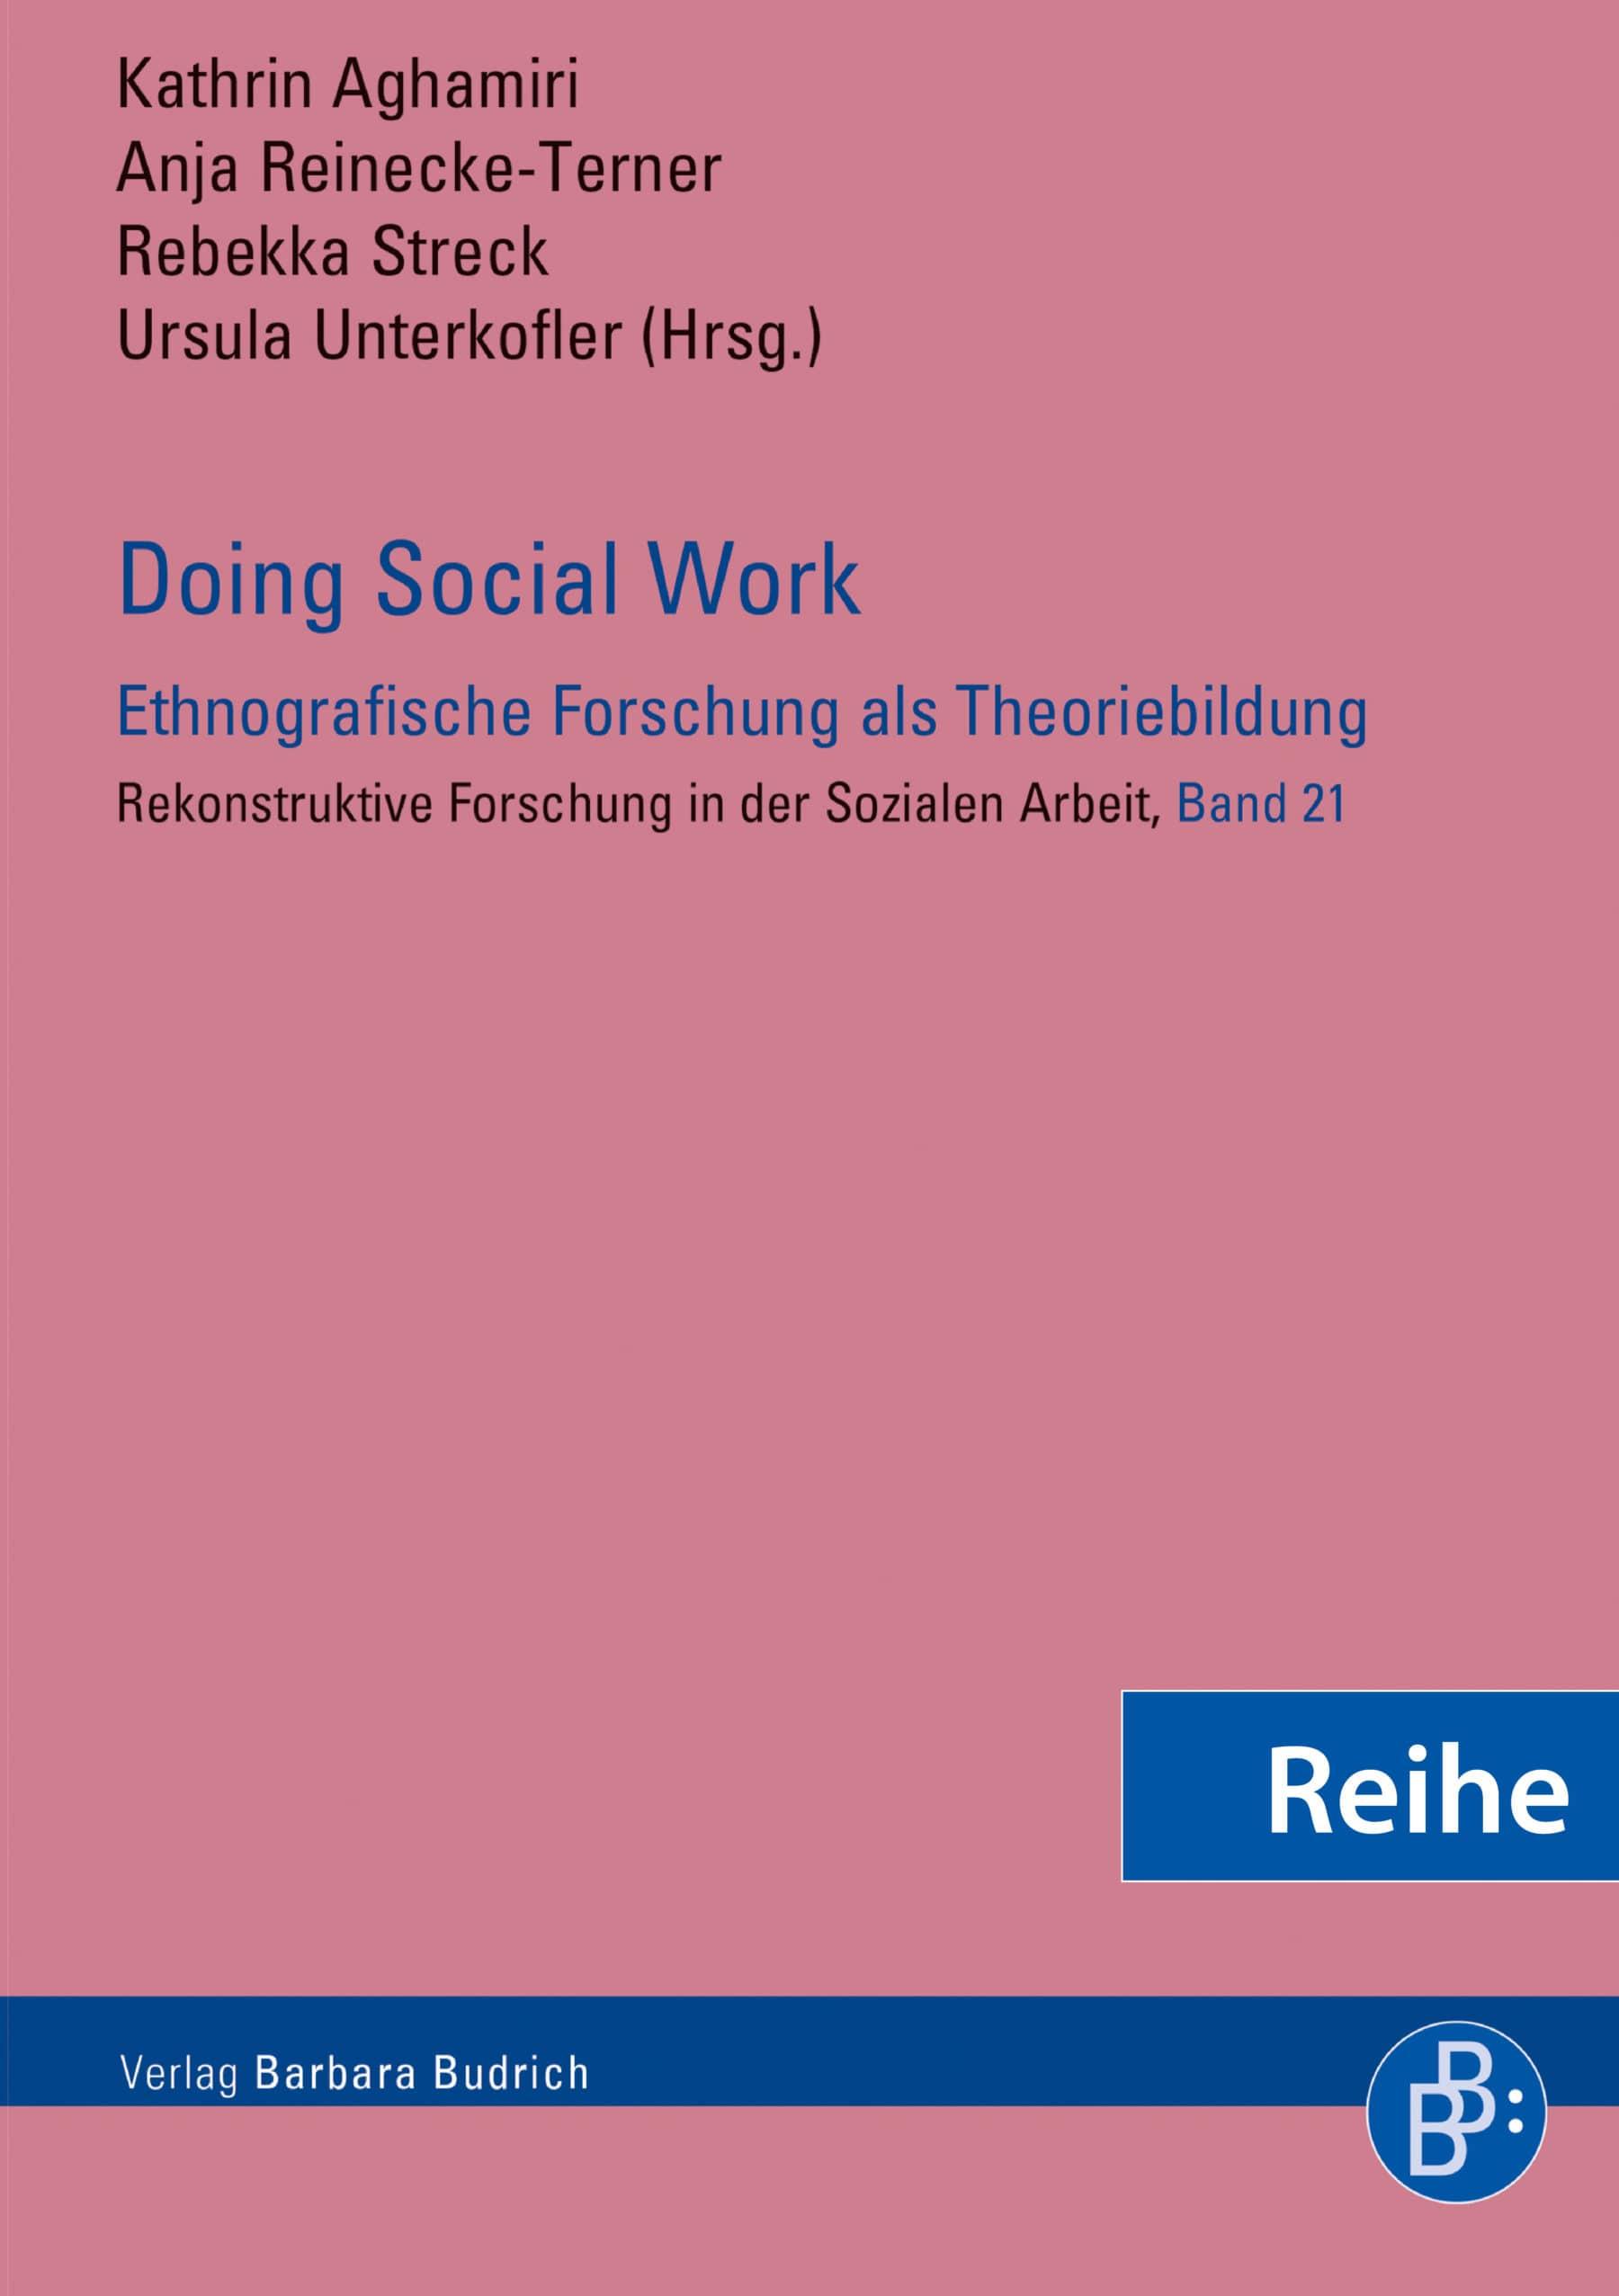 Reihe – Rekonstruktive Forschung in der Sozialen Arbeit